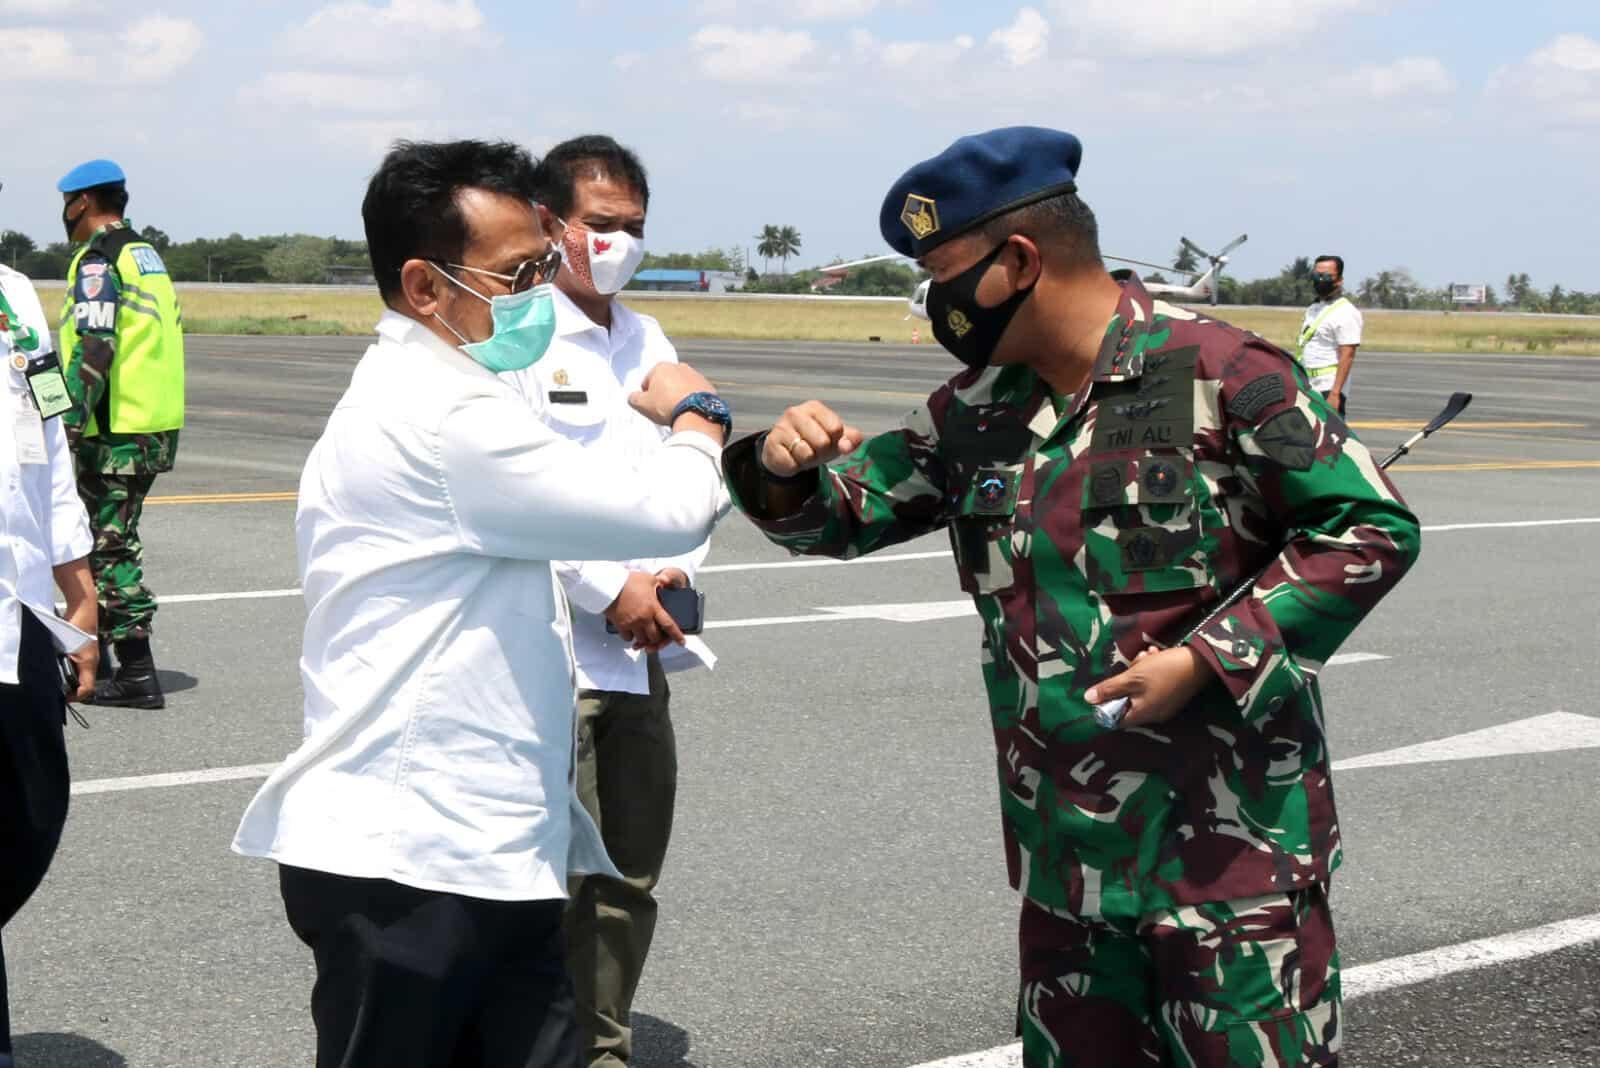 Menteri Pertanian Republik Indonesia Disambut Komandan Lanud Sjamsudin Noor Bersama Forkopimda Kalsel Saat Kunjungannya ke Kalsel Dalam Rangka Panen Padi dan Optimasi Lahan Bersama